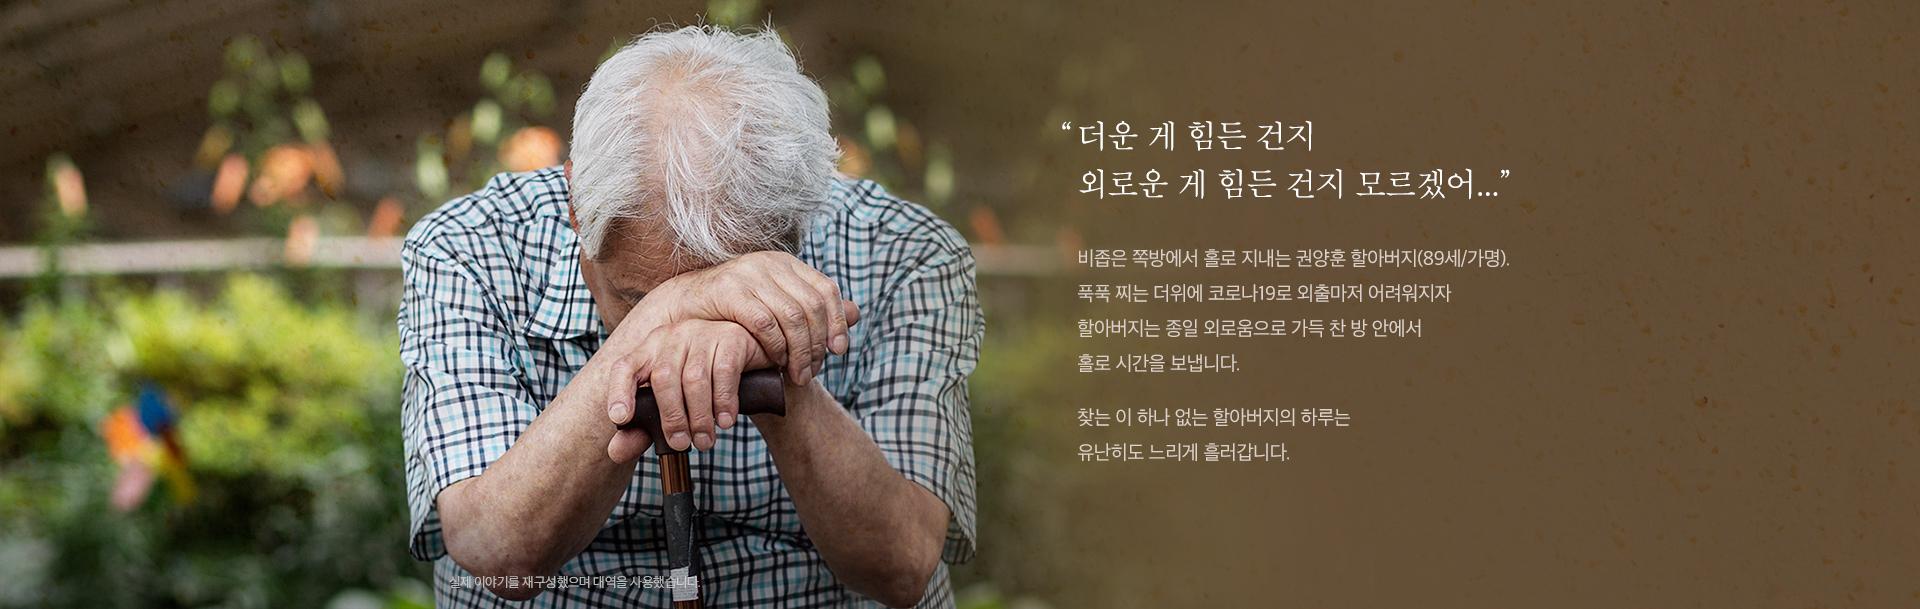 비좁은 쪽방에서 홀로 지내는 권양훈 할아버지(89세/가명)는 종일 외로움으로 가득 찬 방 안에서 홀로 시간을 보냅니다.